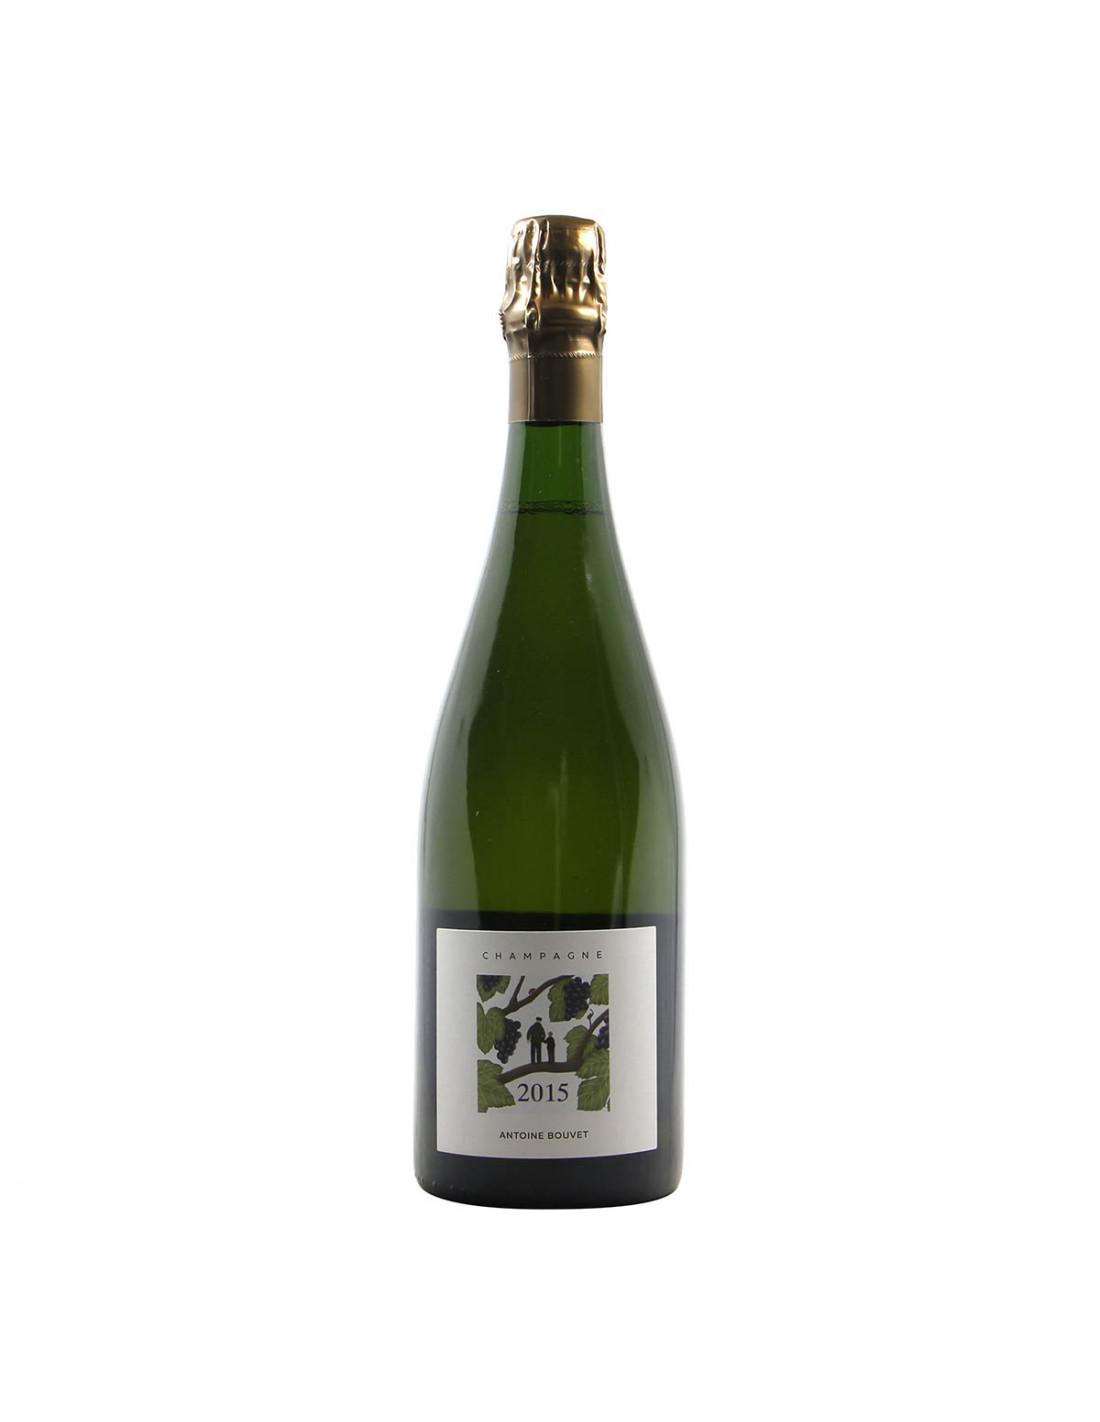 Bouvet Champagne Millesime 2015 Grandi bottiglie